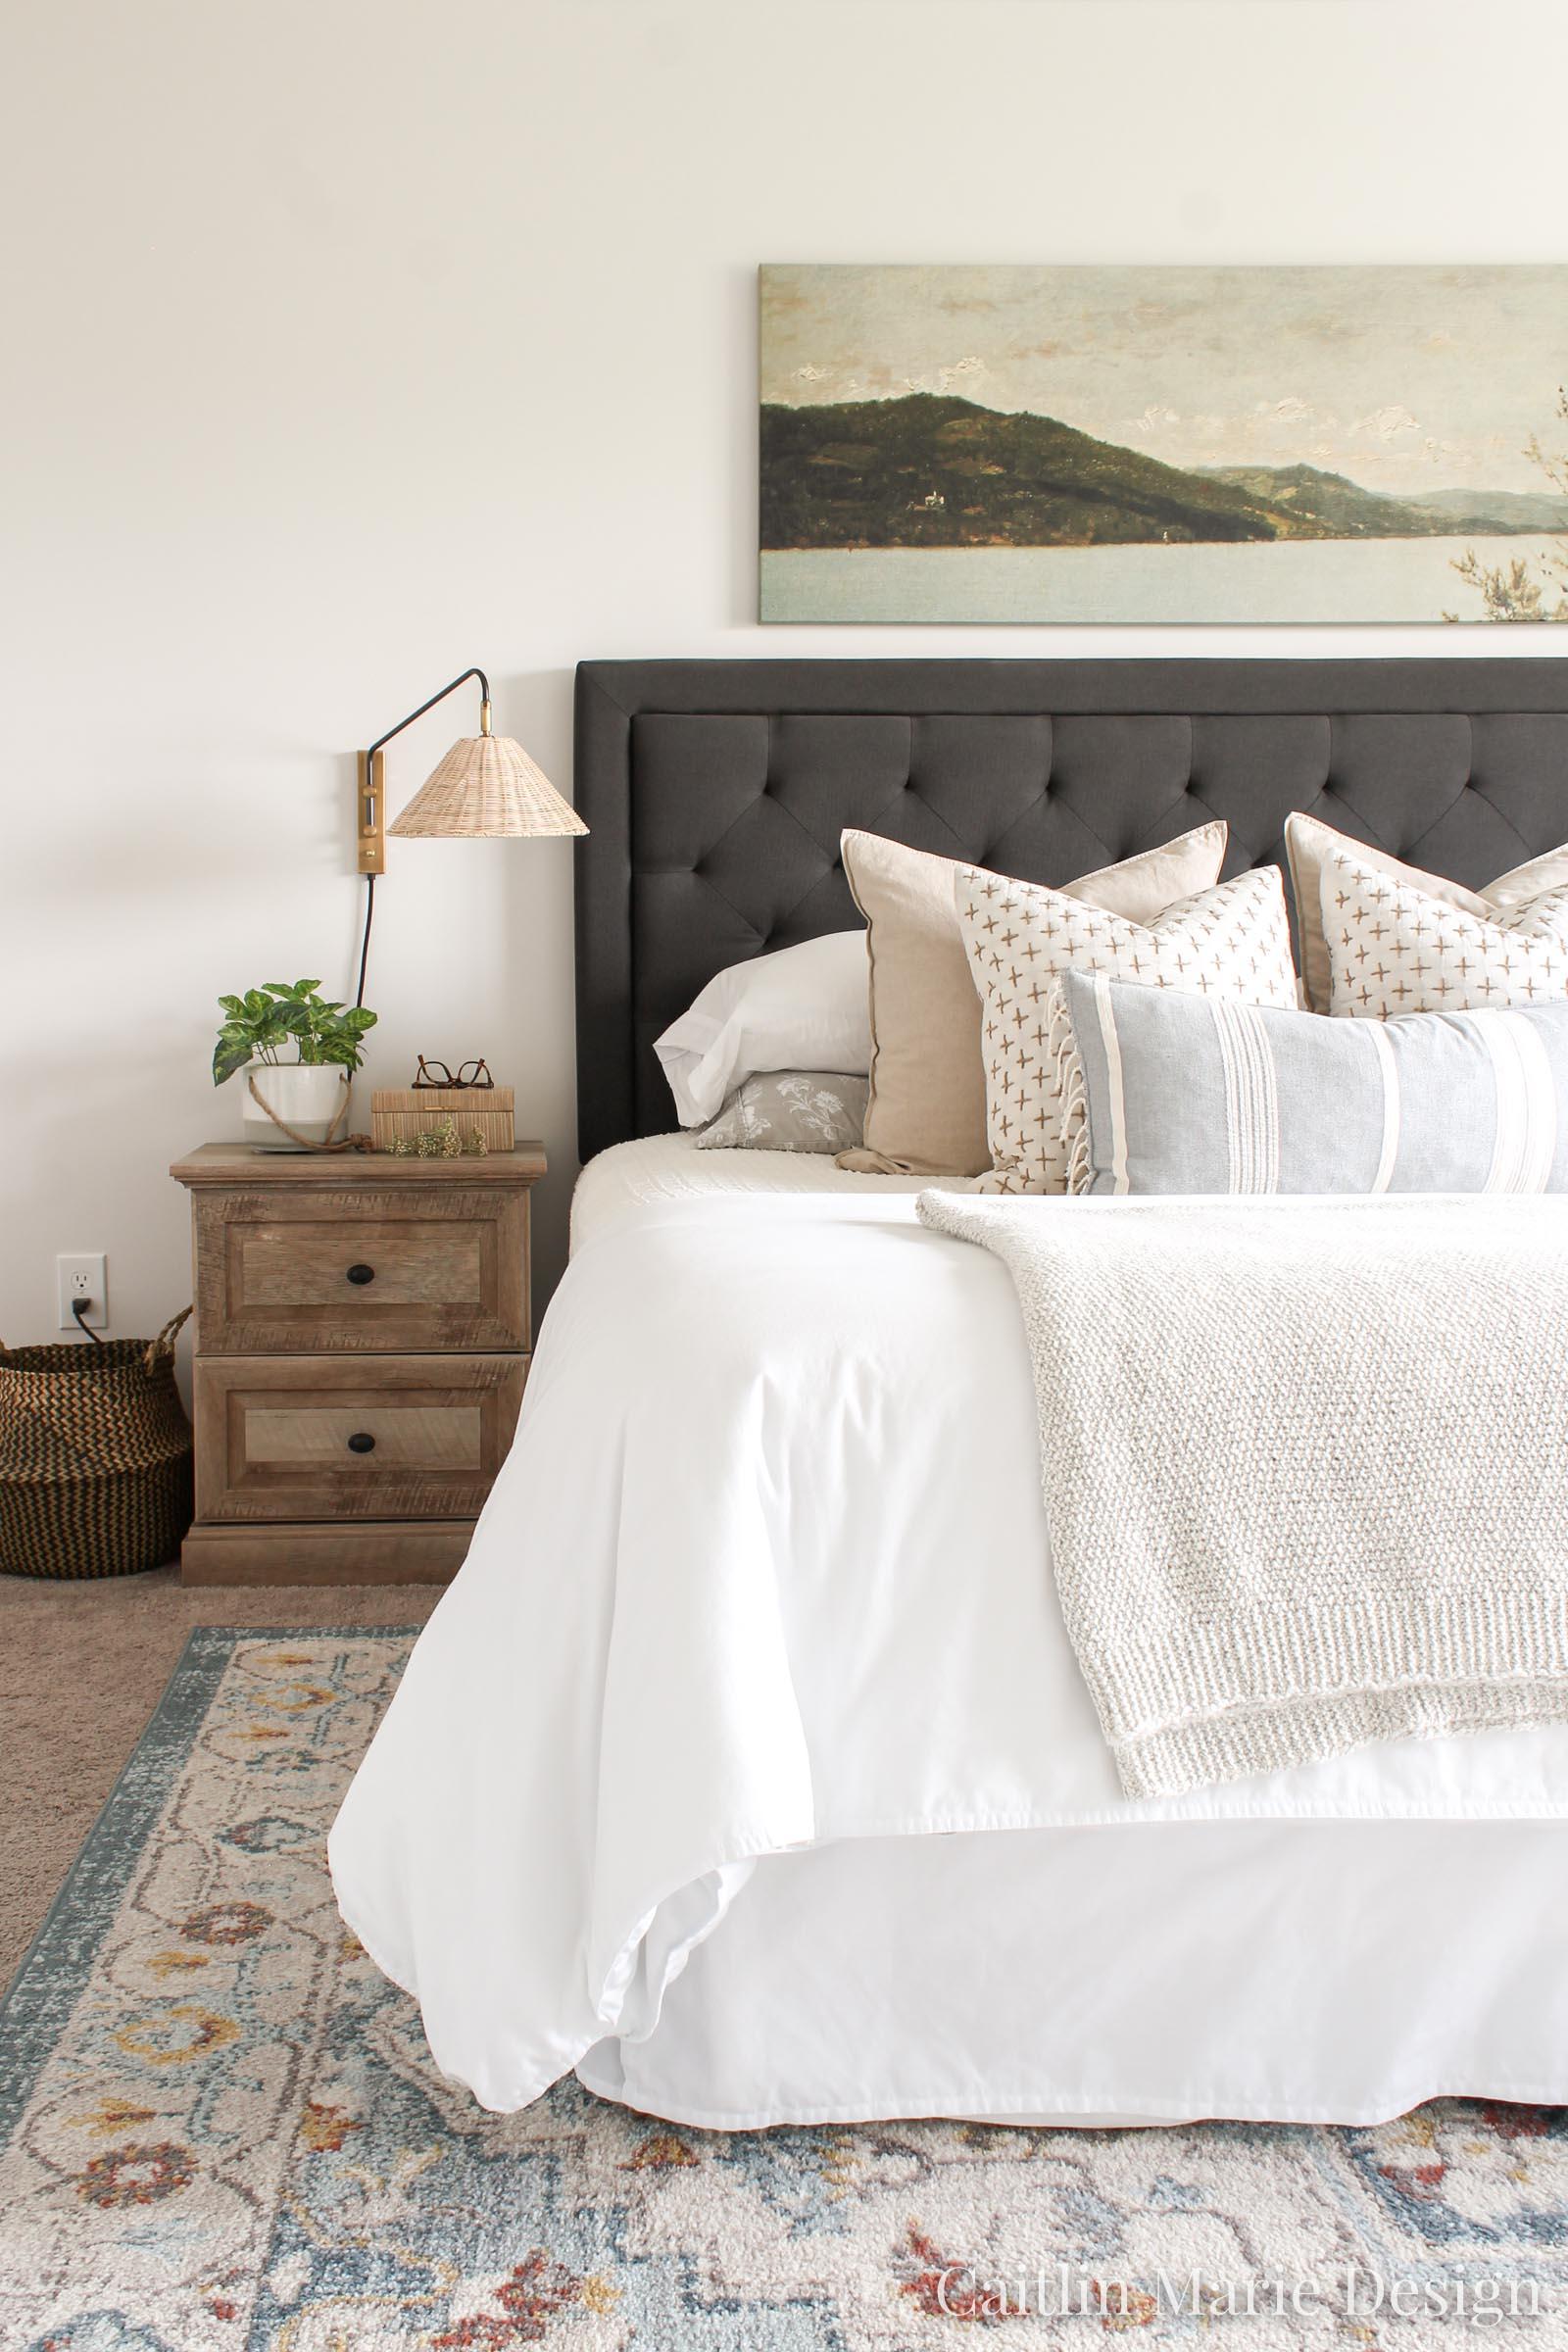 Coastal Master Bedroom Decor, rattan sconces, vintage artwork over the bed